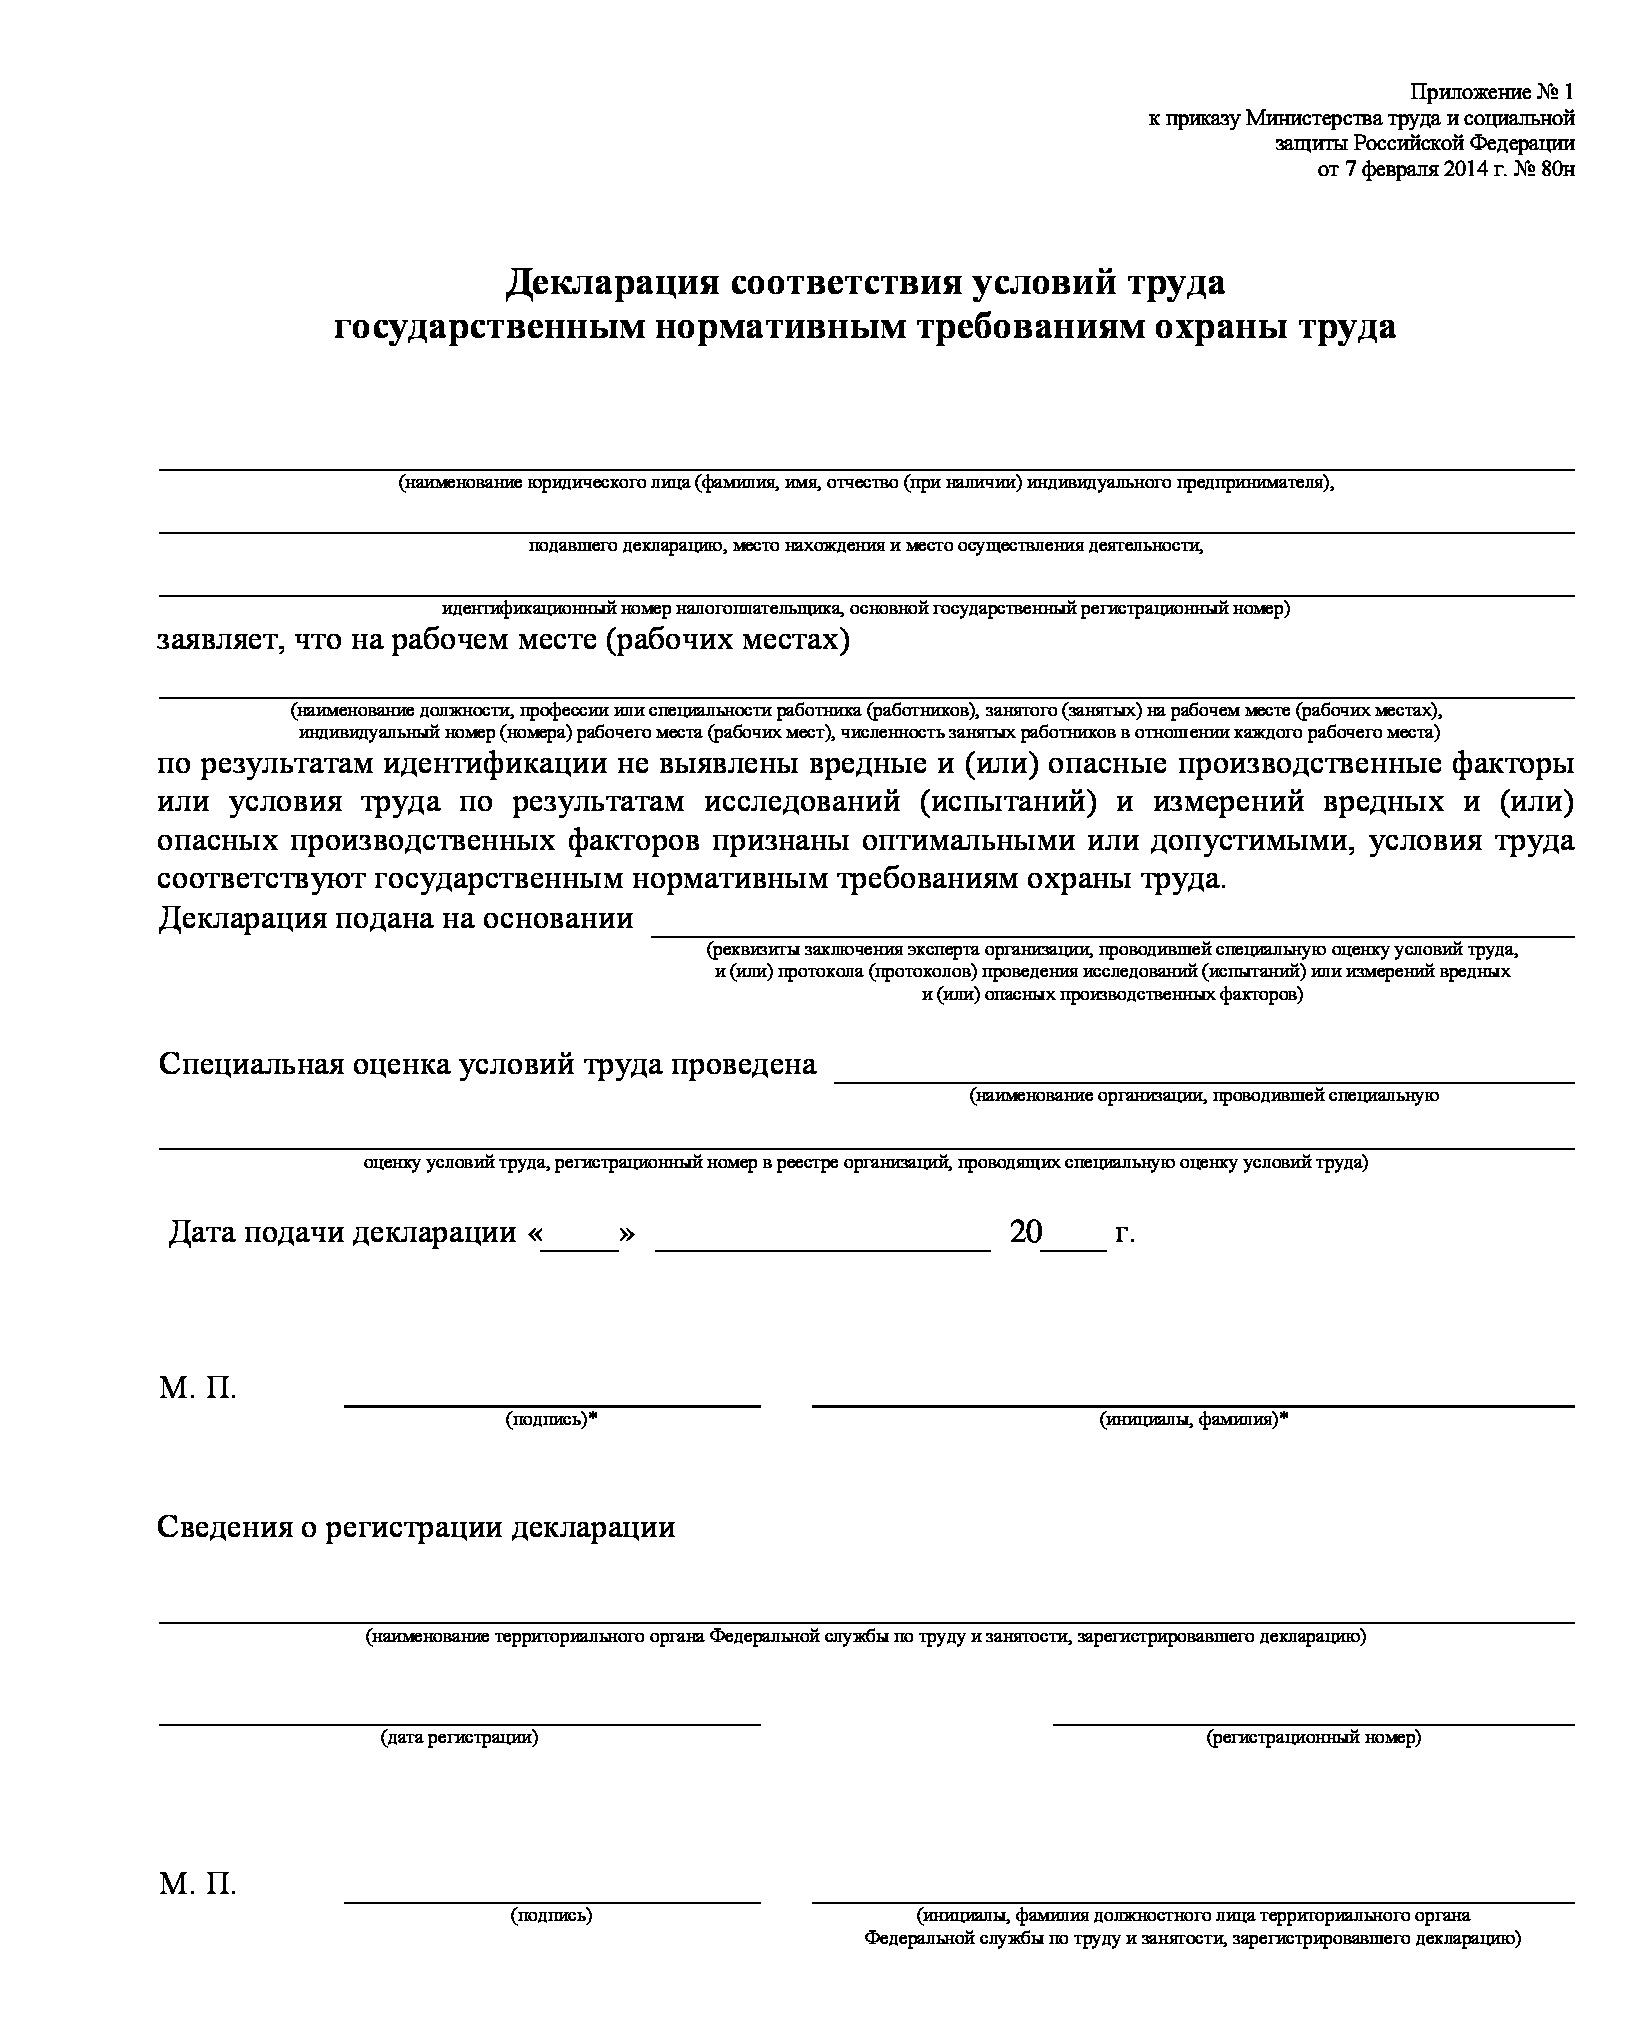 Специальная оценка условий труда (соут) г. Москва.